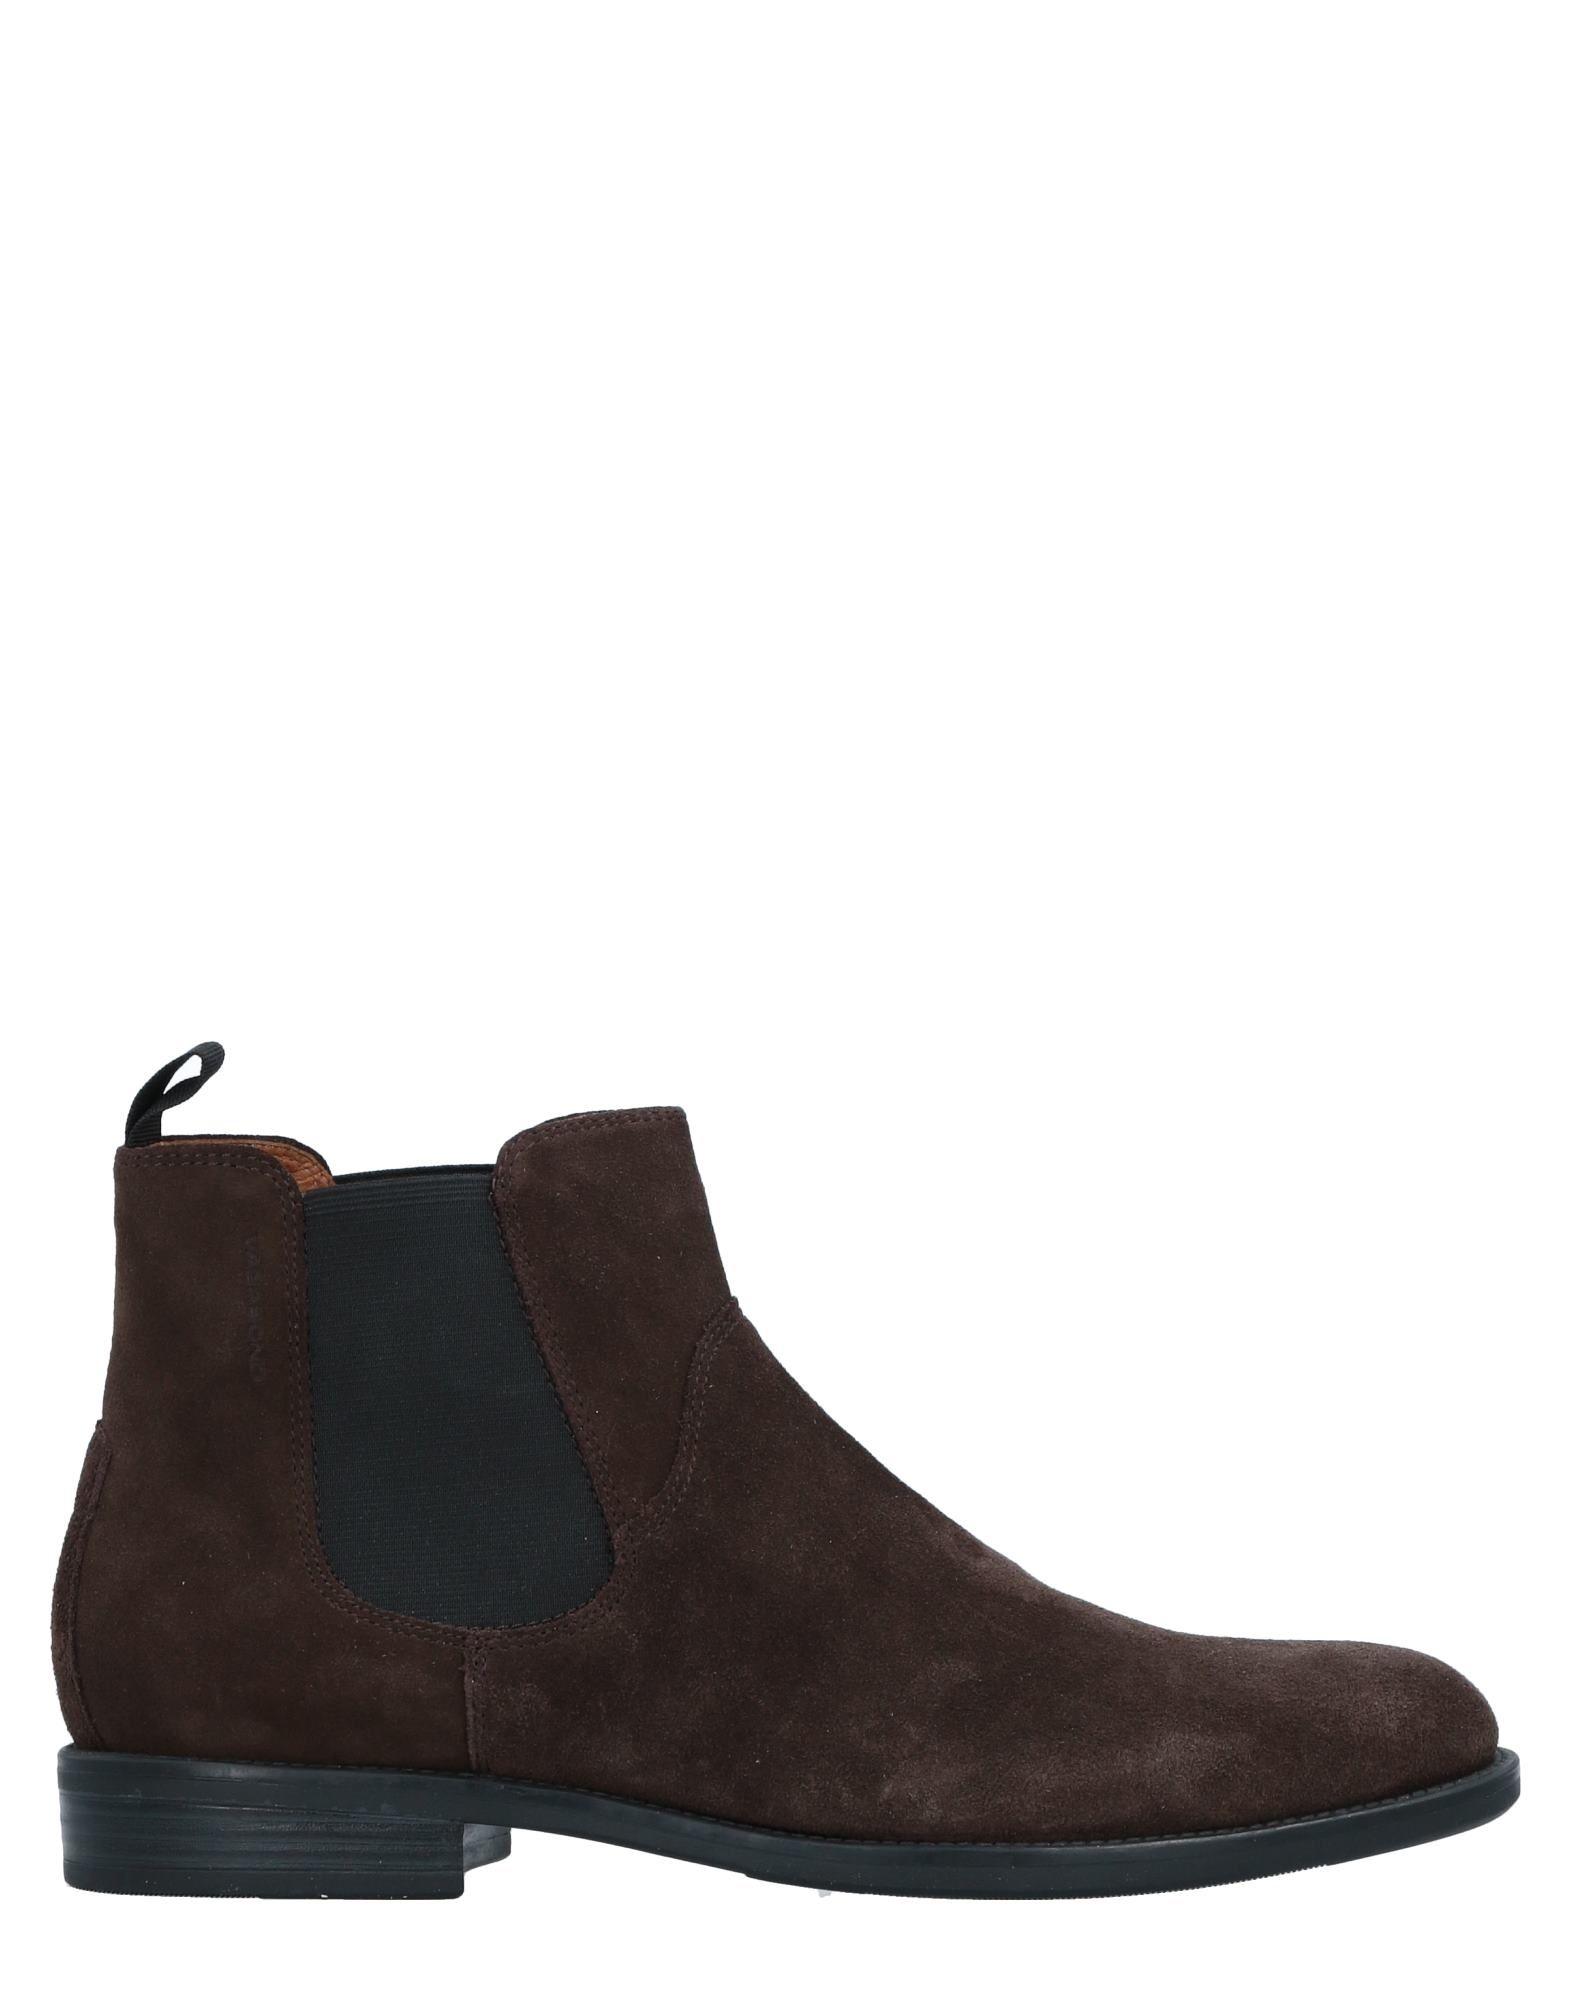 Vagabond Shoemakers Stiefelette Herren  11519388XI Gute Qualität beliebte Schuhe